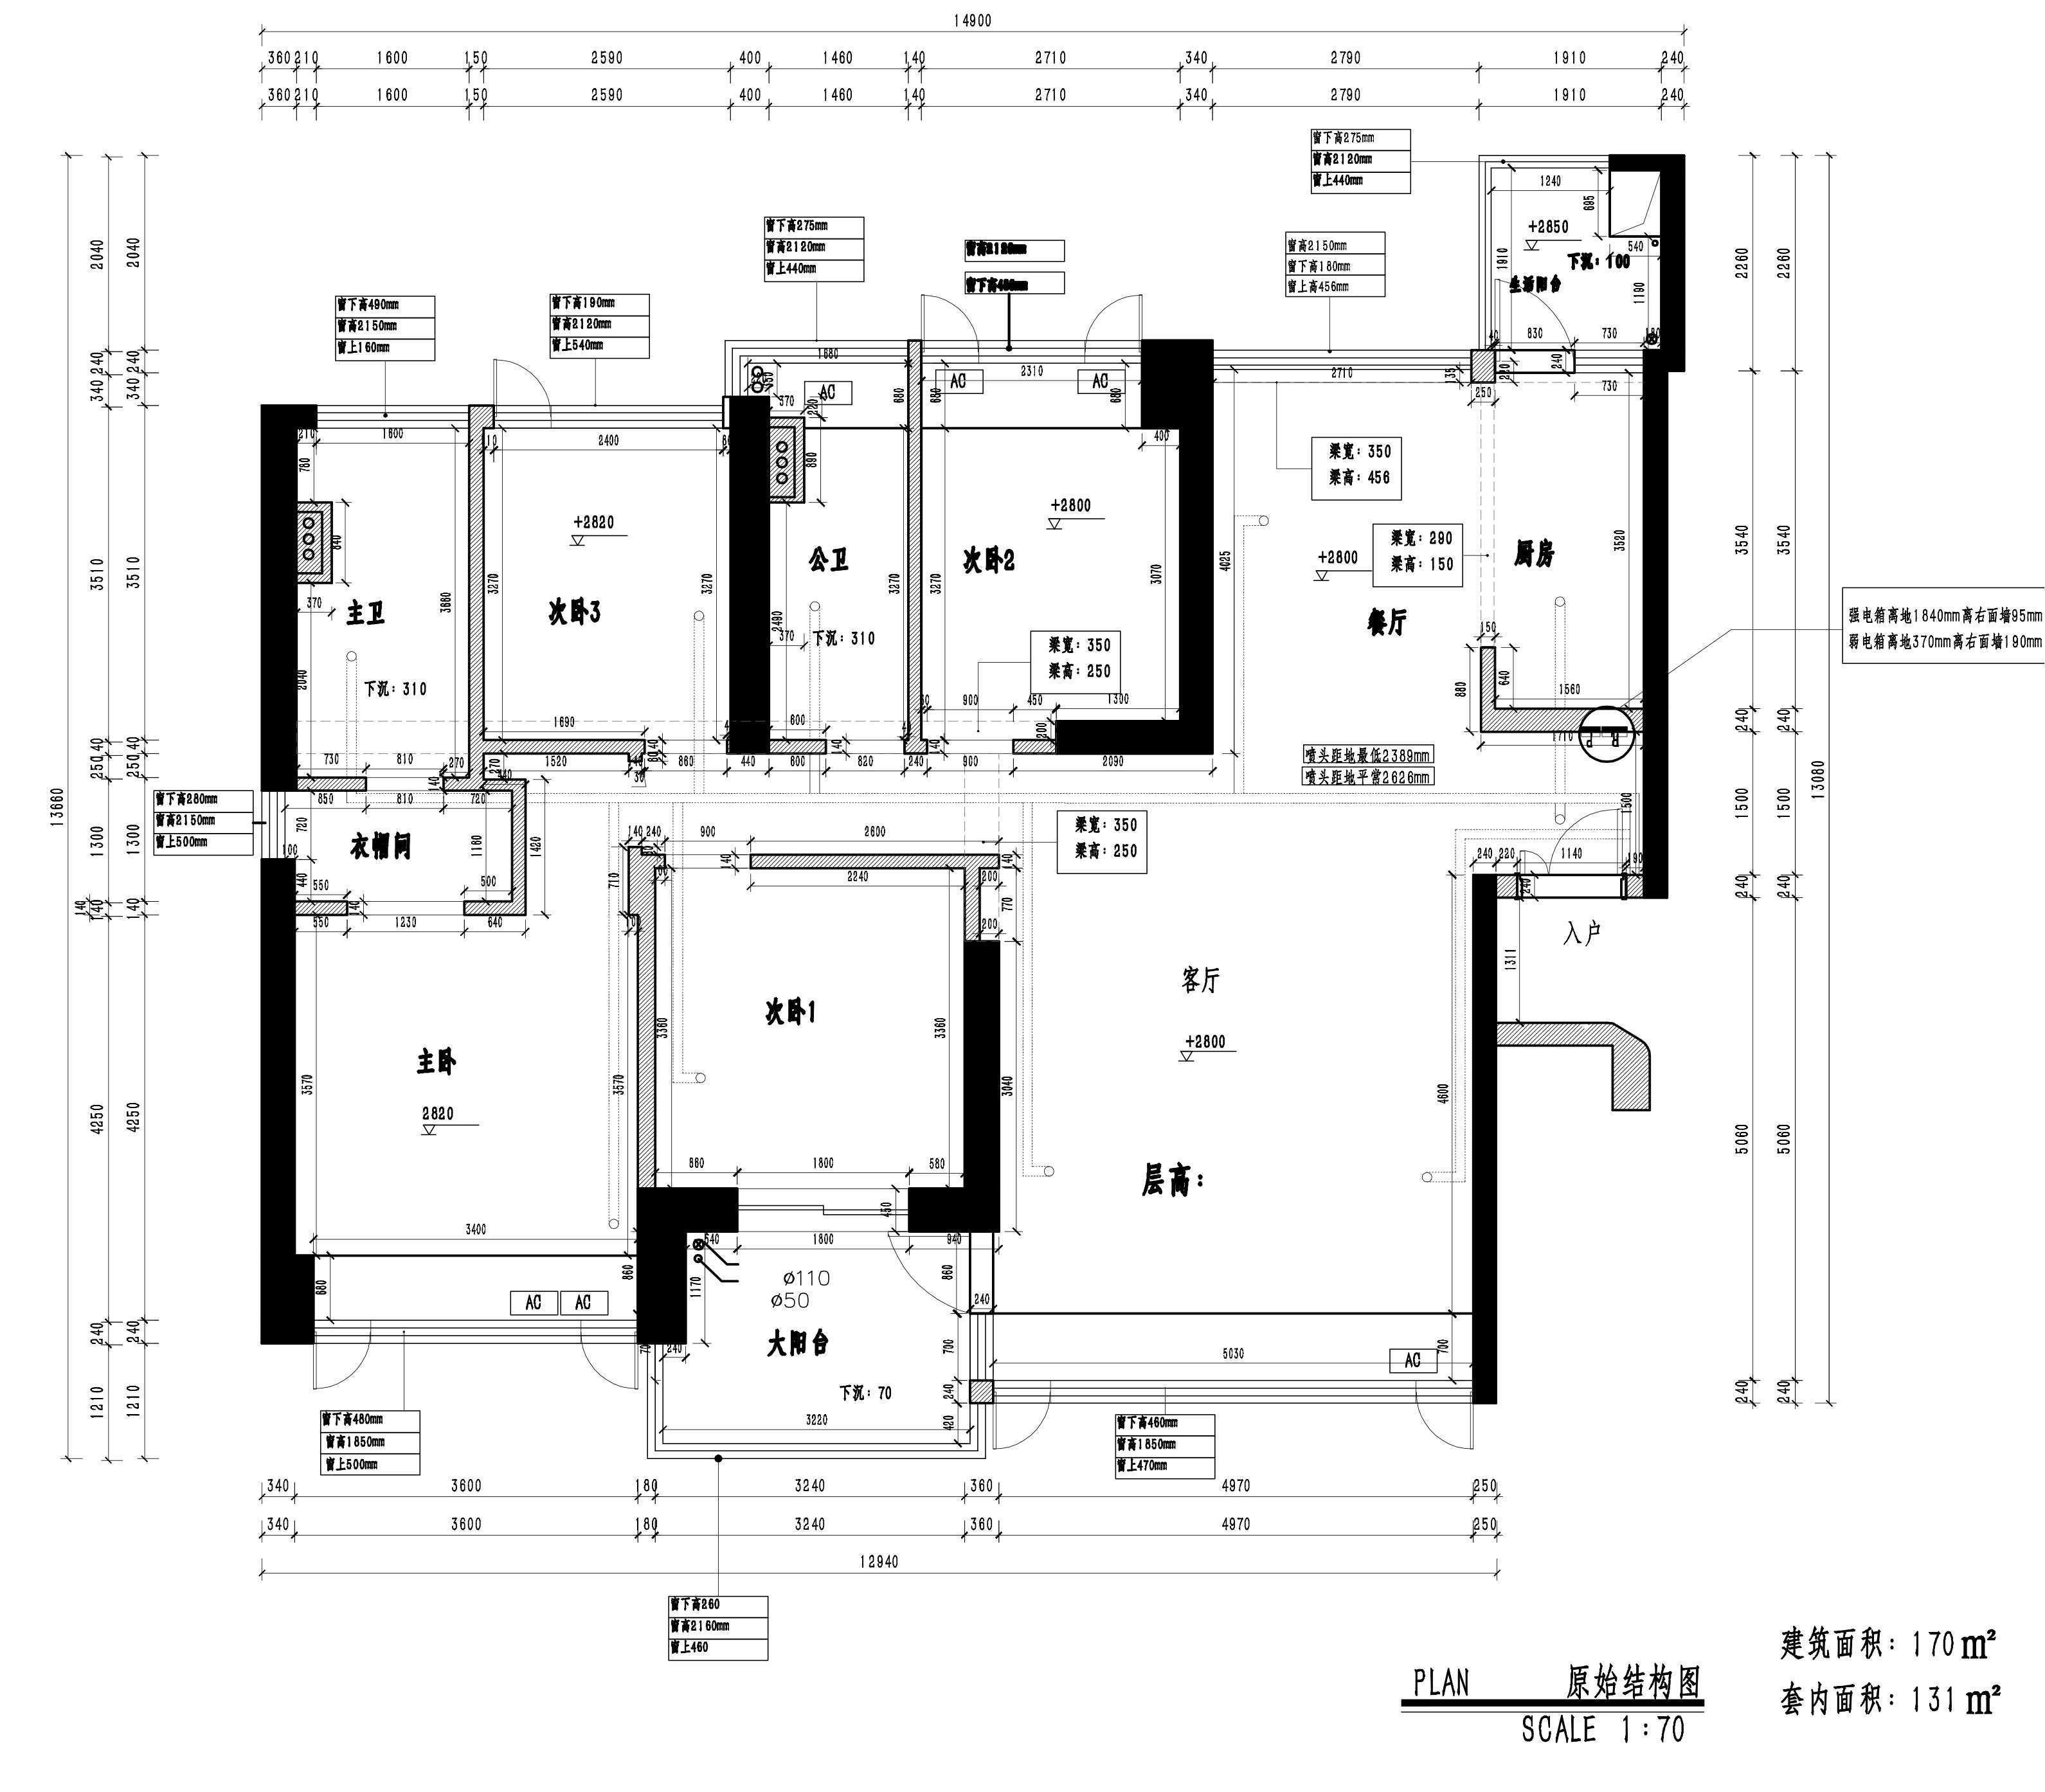 香山美墅170m²-现代轻奢风格设计-高端装修效果图展示装修设计理念